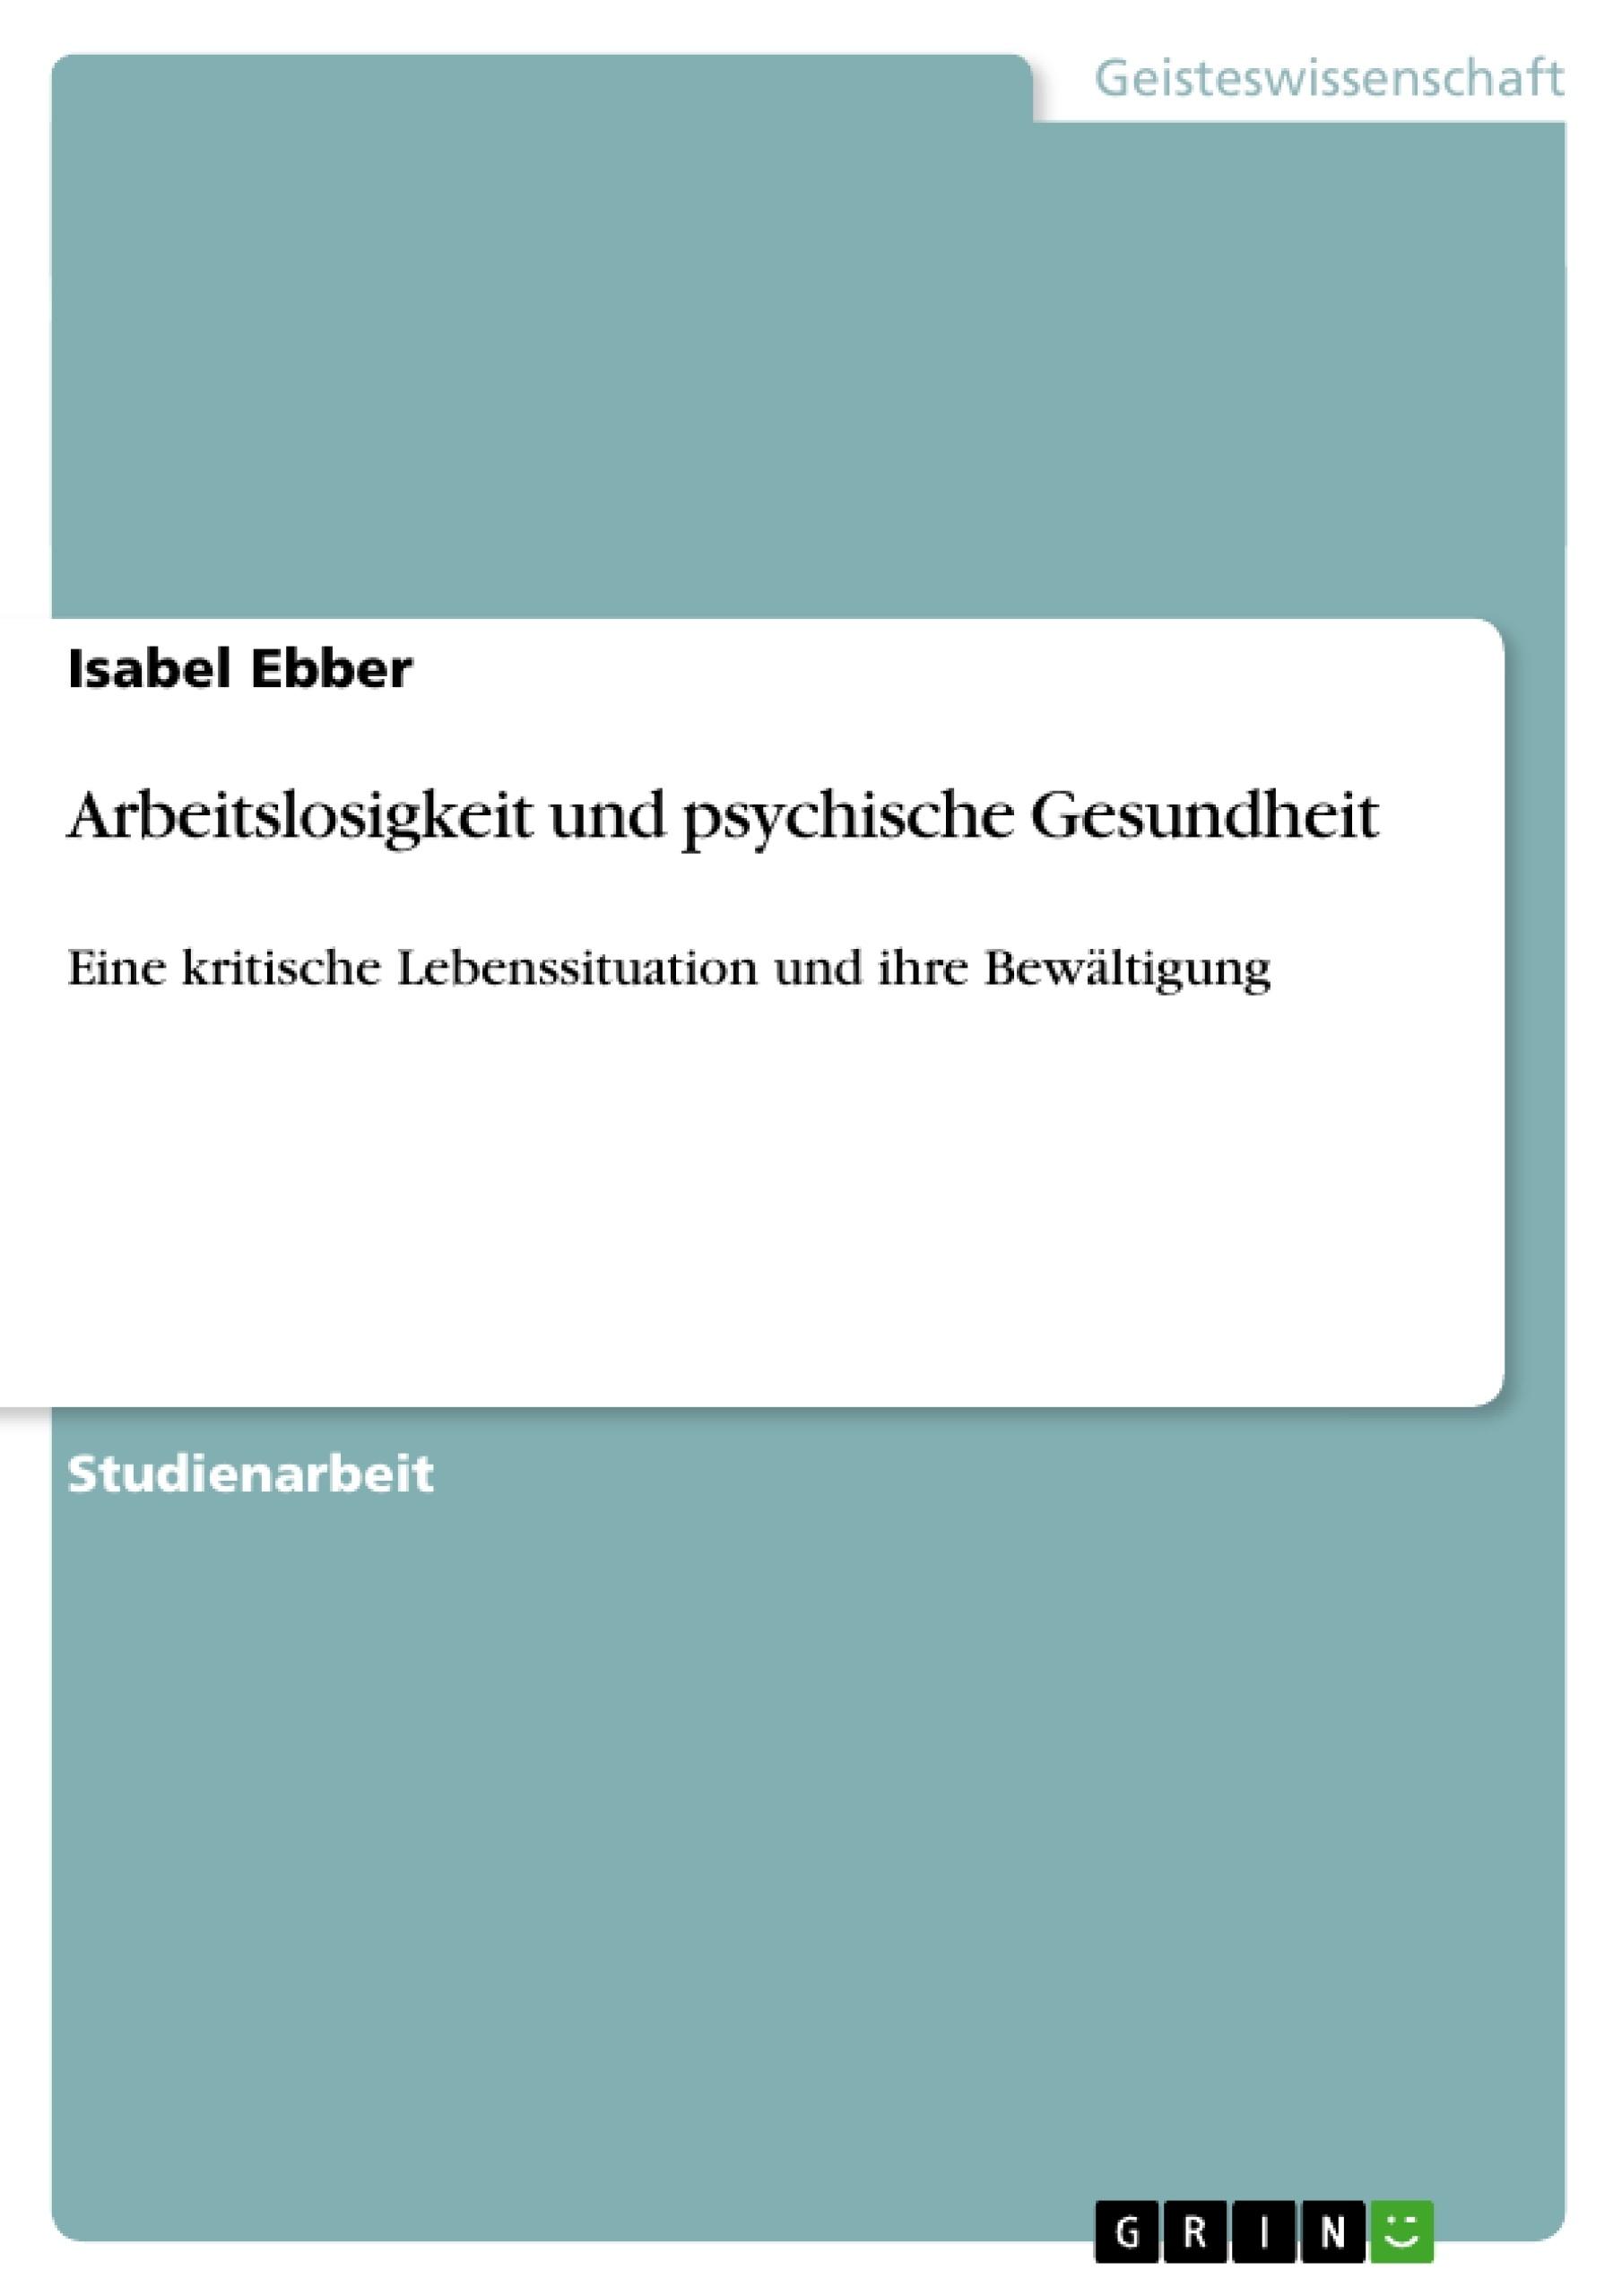 Titel: Arbeitslosigkeit und psychische Gesundheit